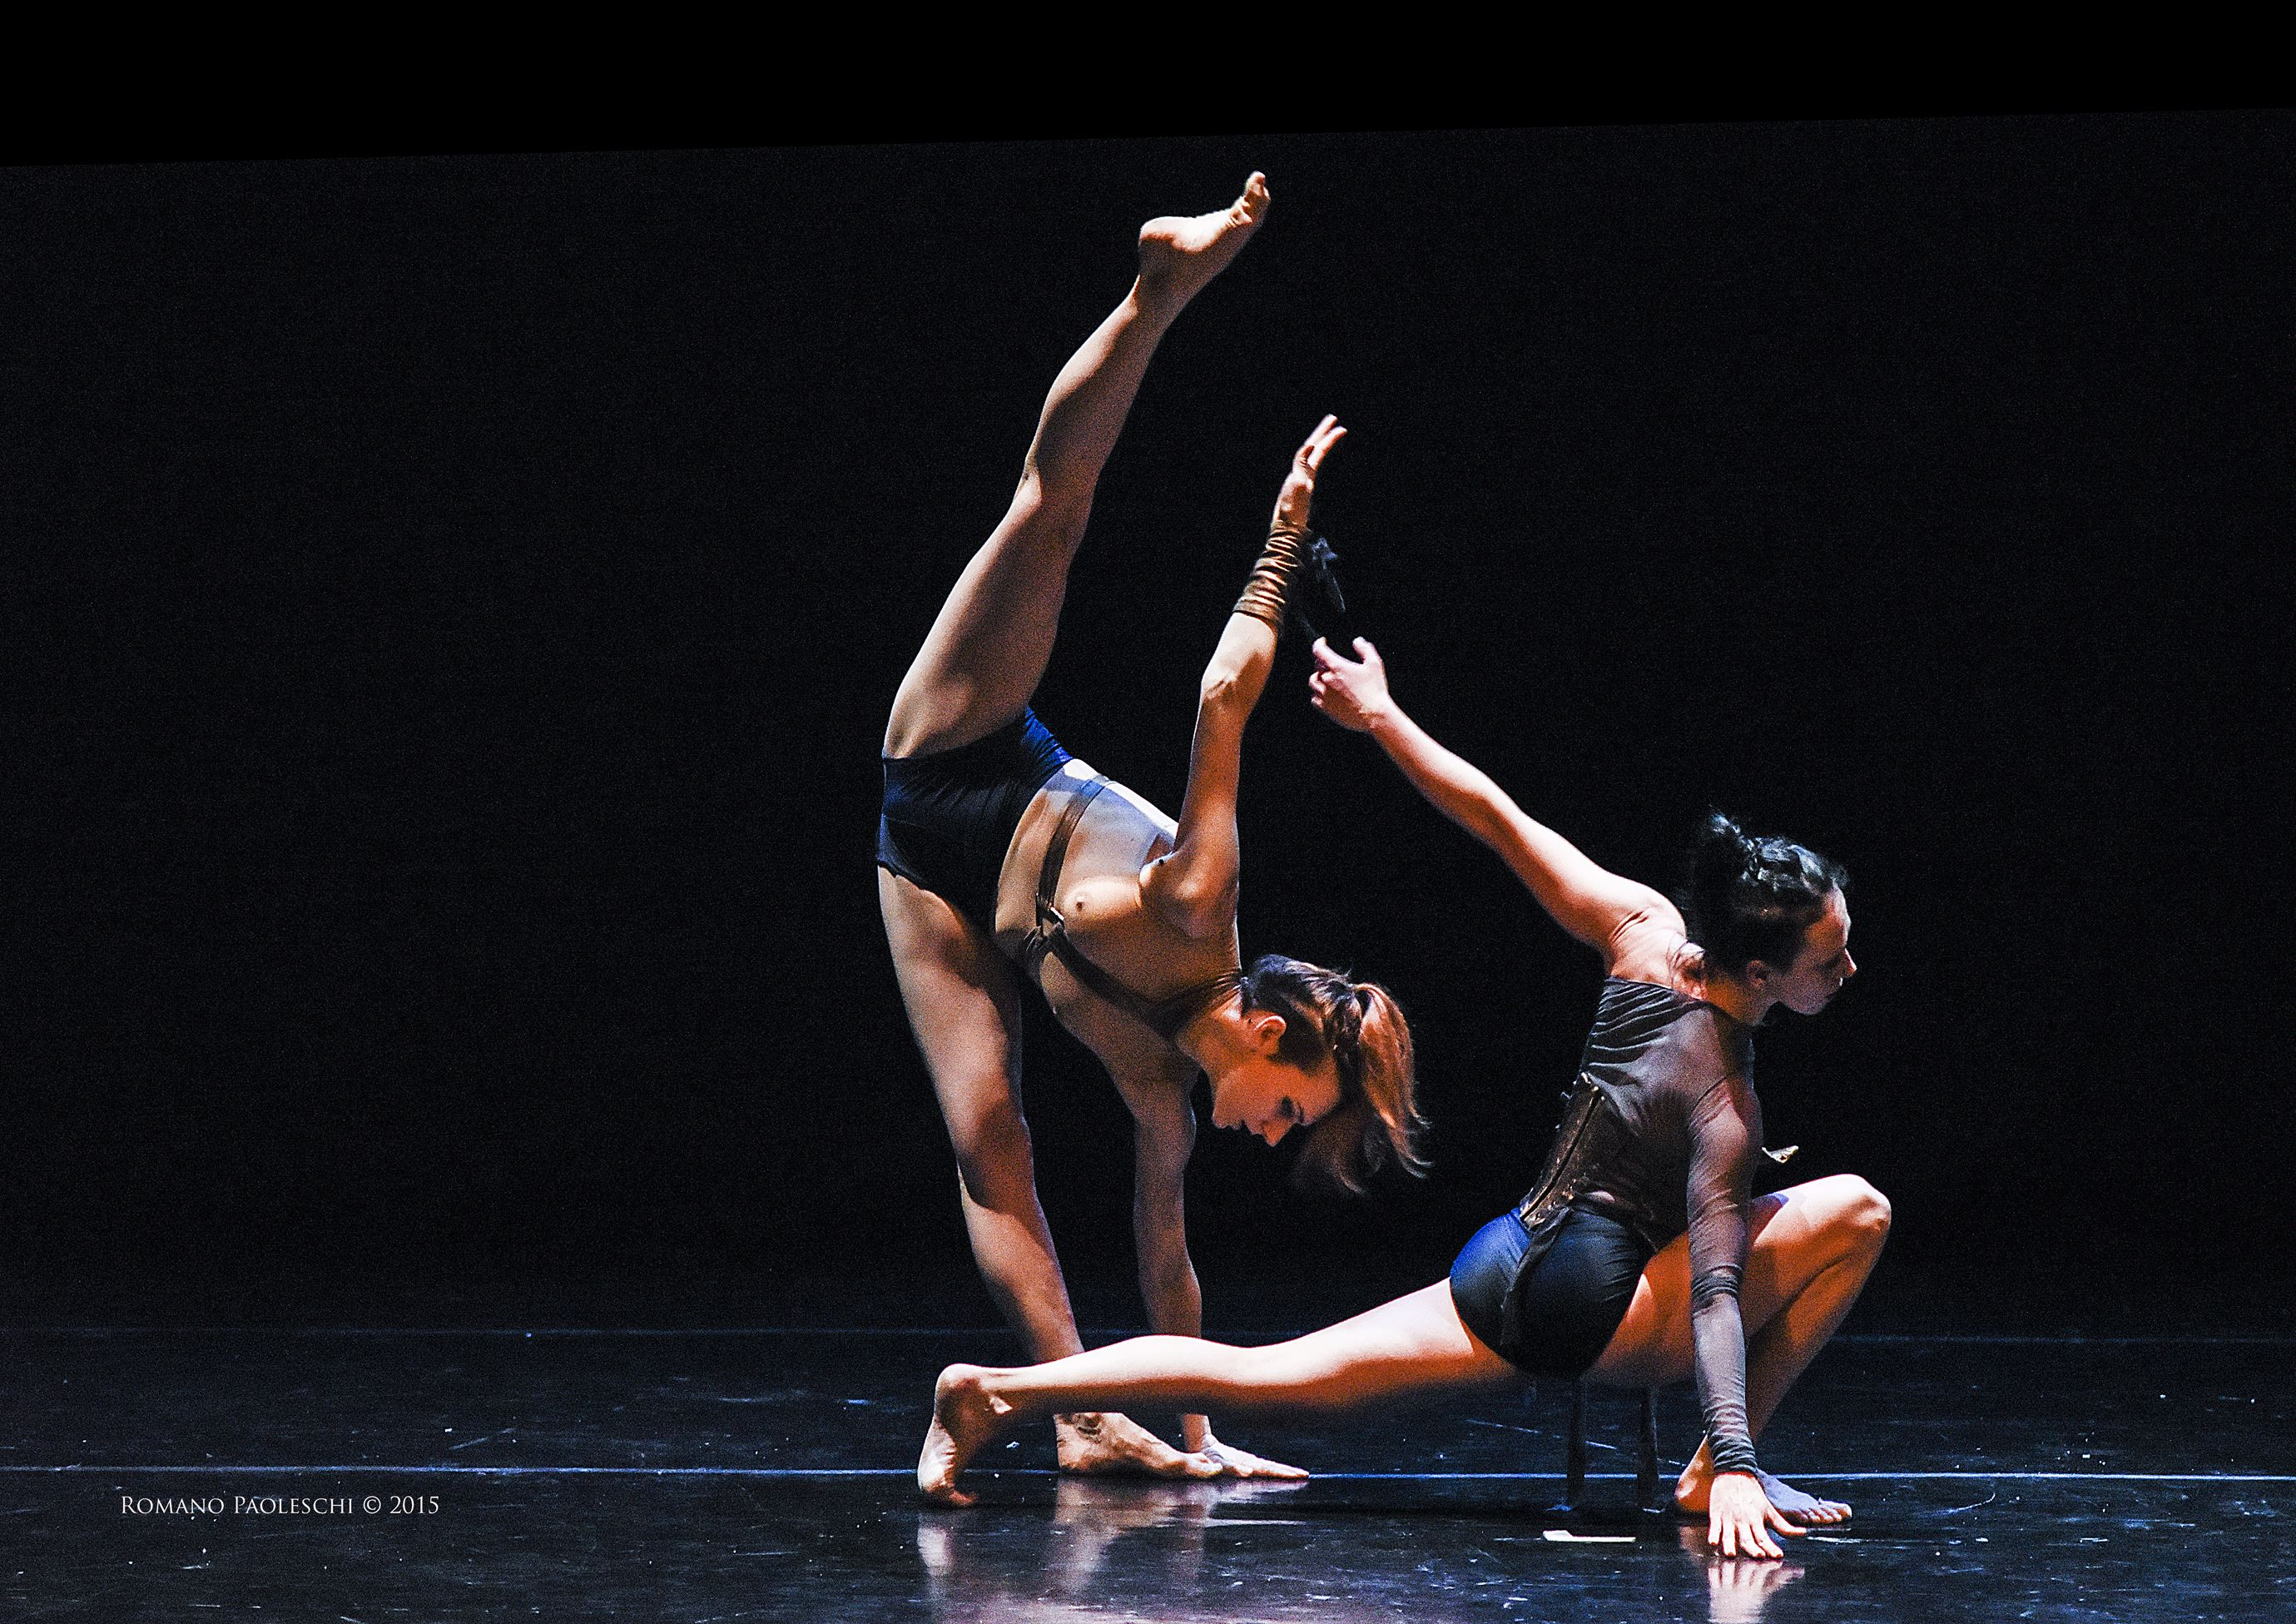 Eleonora e Serena _DSC4003a (Copy)